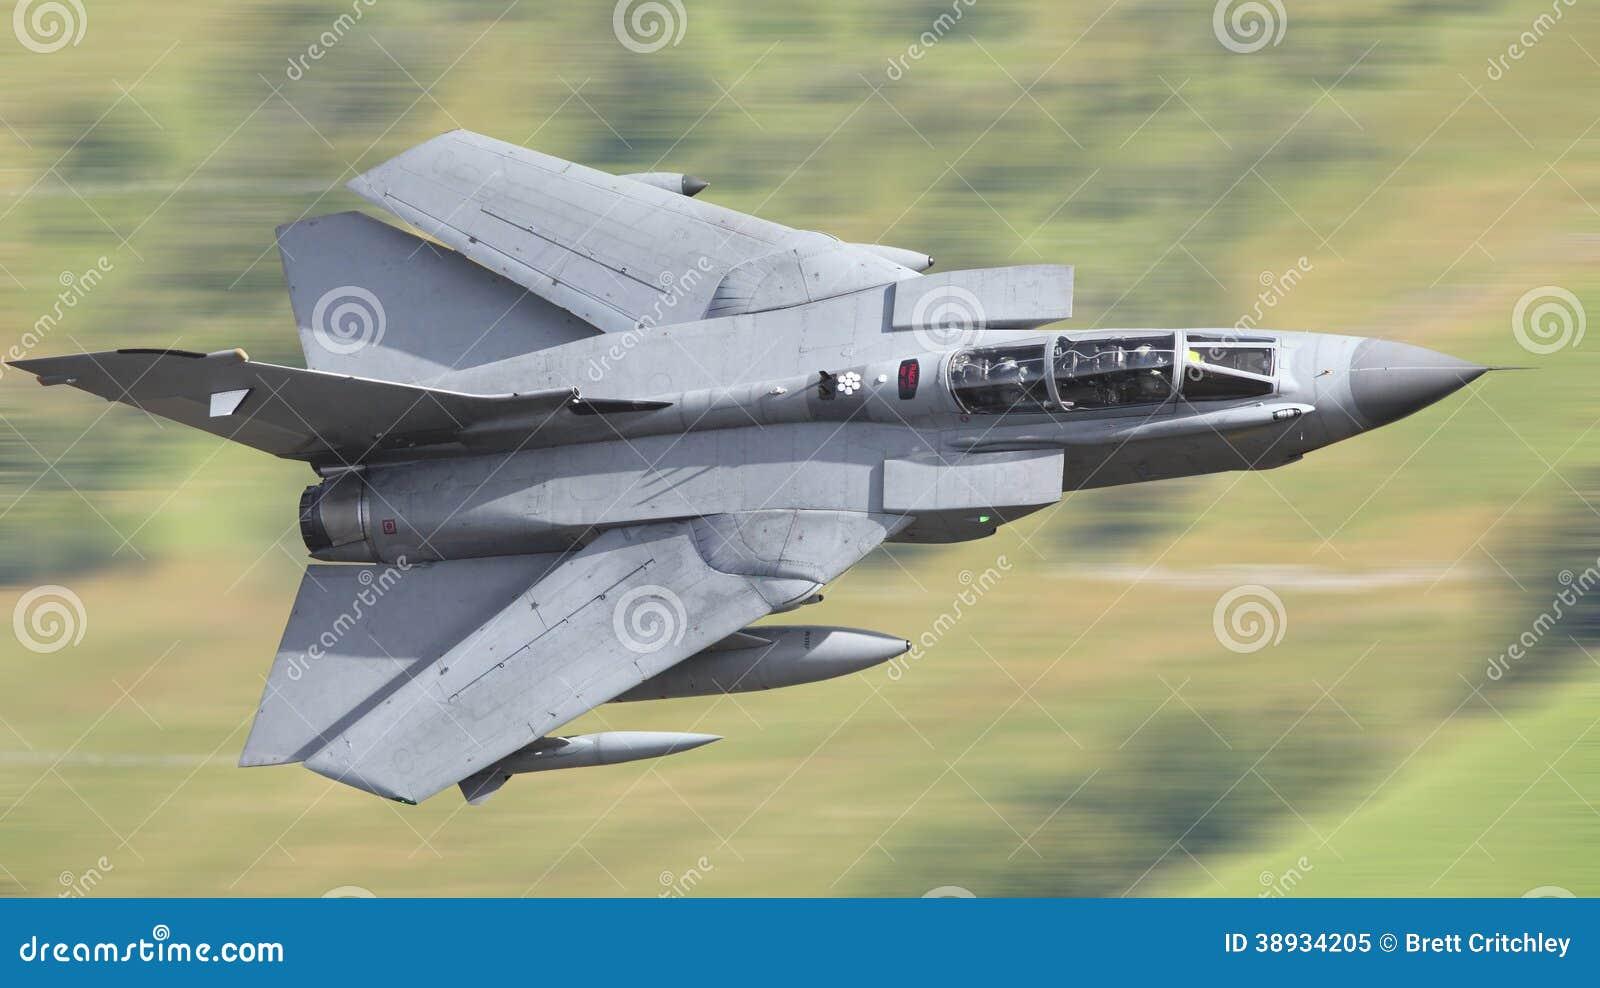 Aereo Da Caccia Giapponese : Aereo da caccia supersonico immagine stock